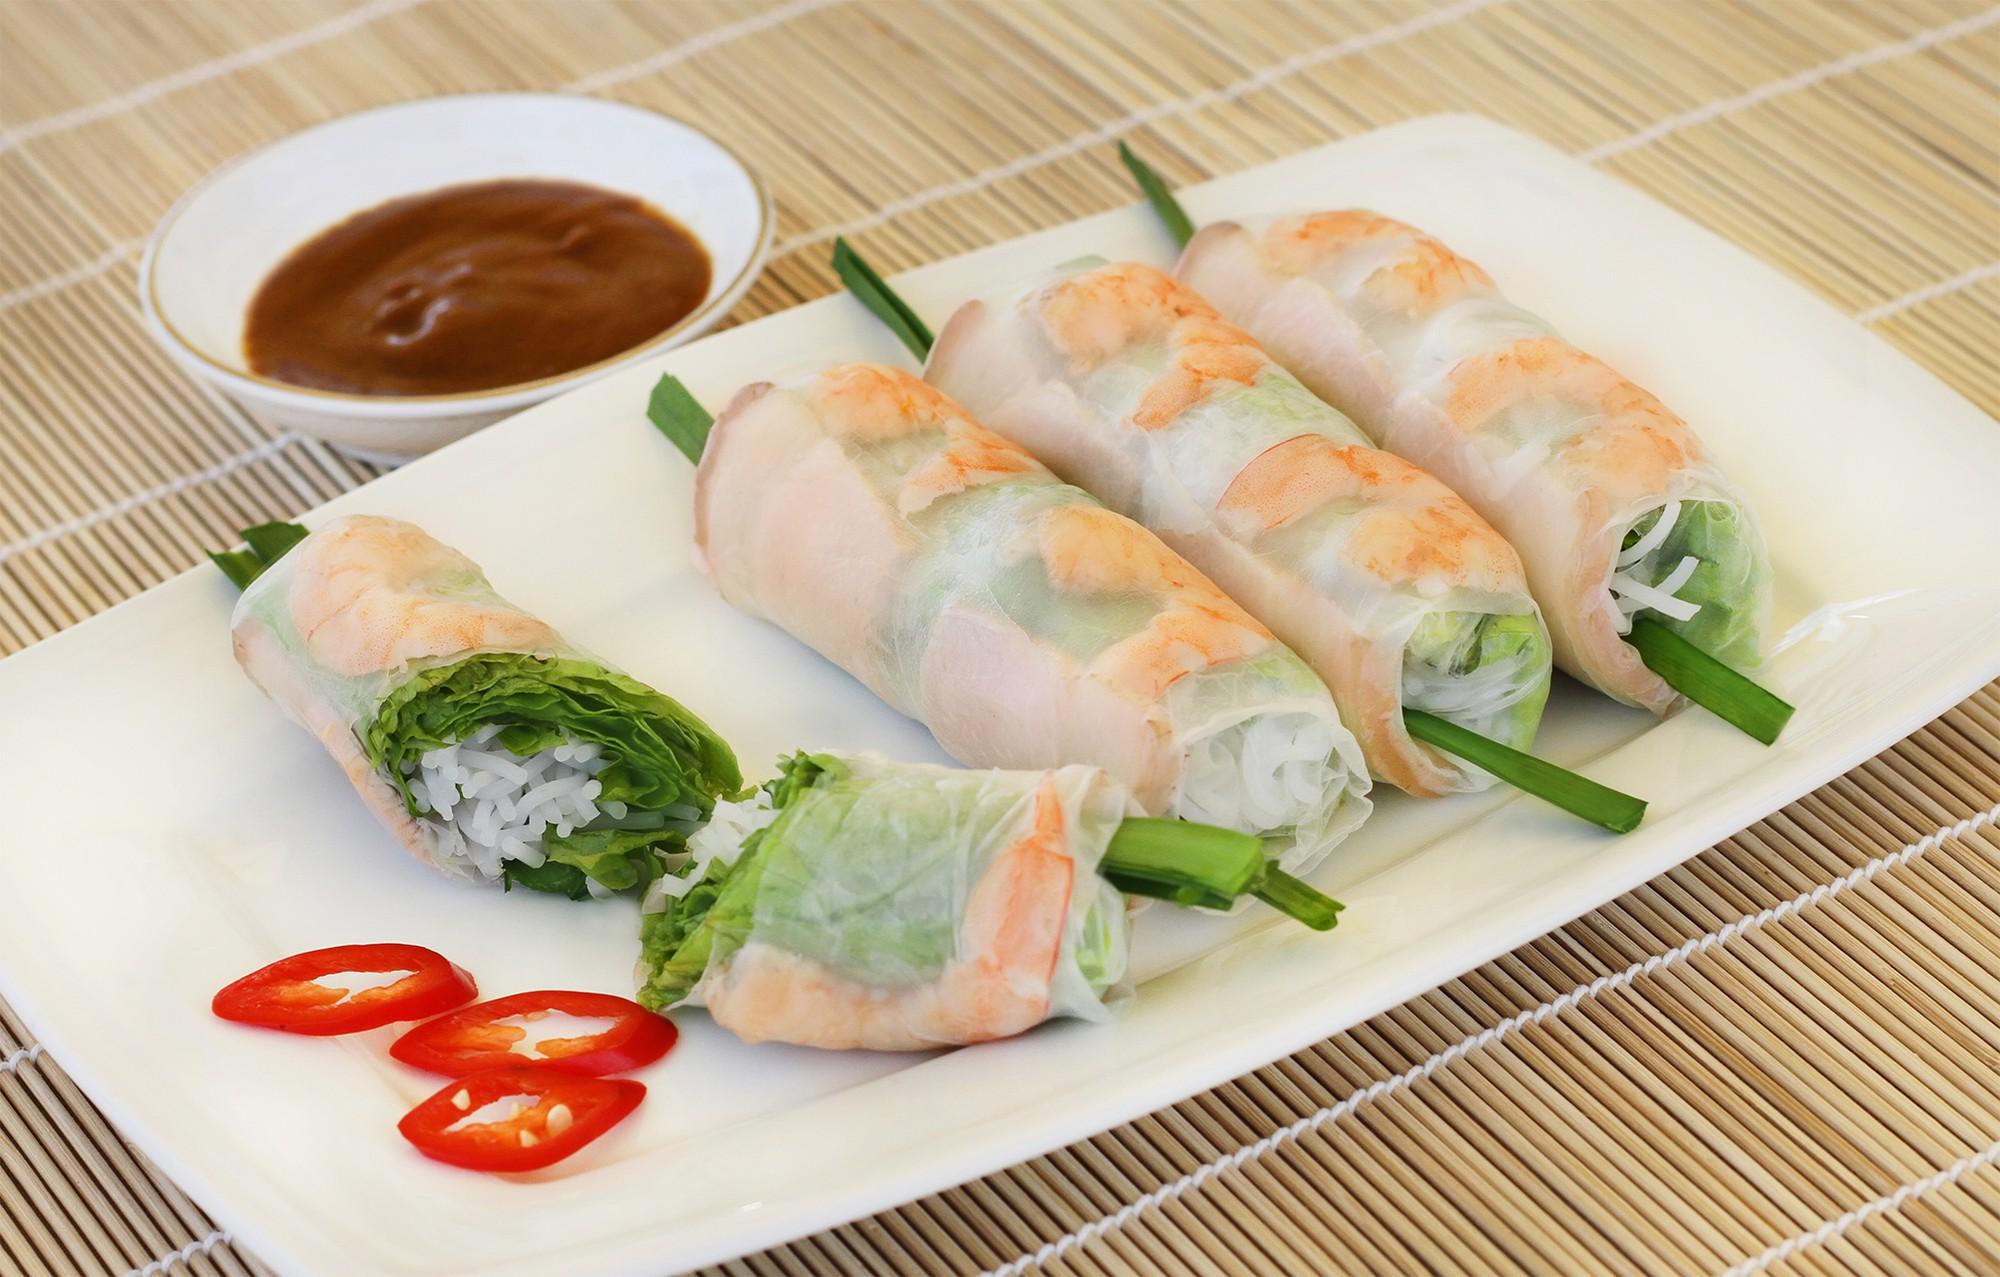 Ẩm thực Việt Nam bao giờ mới hết phong ba, khi mà một chữ nem cũng dùng để gọi nhiều món thế này? - Hình 4